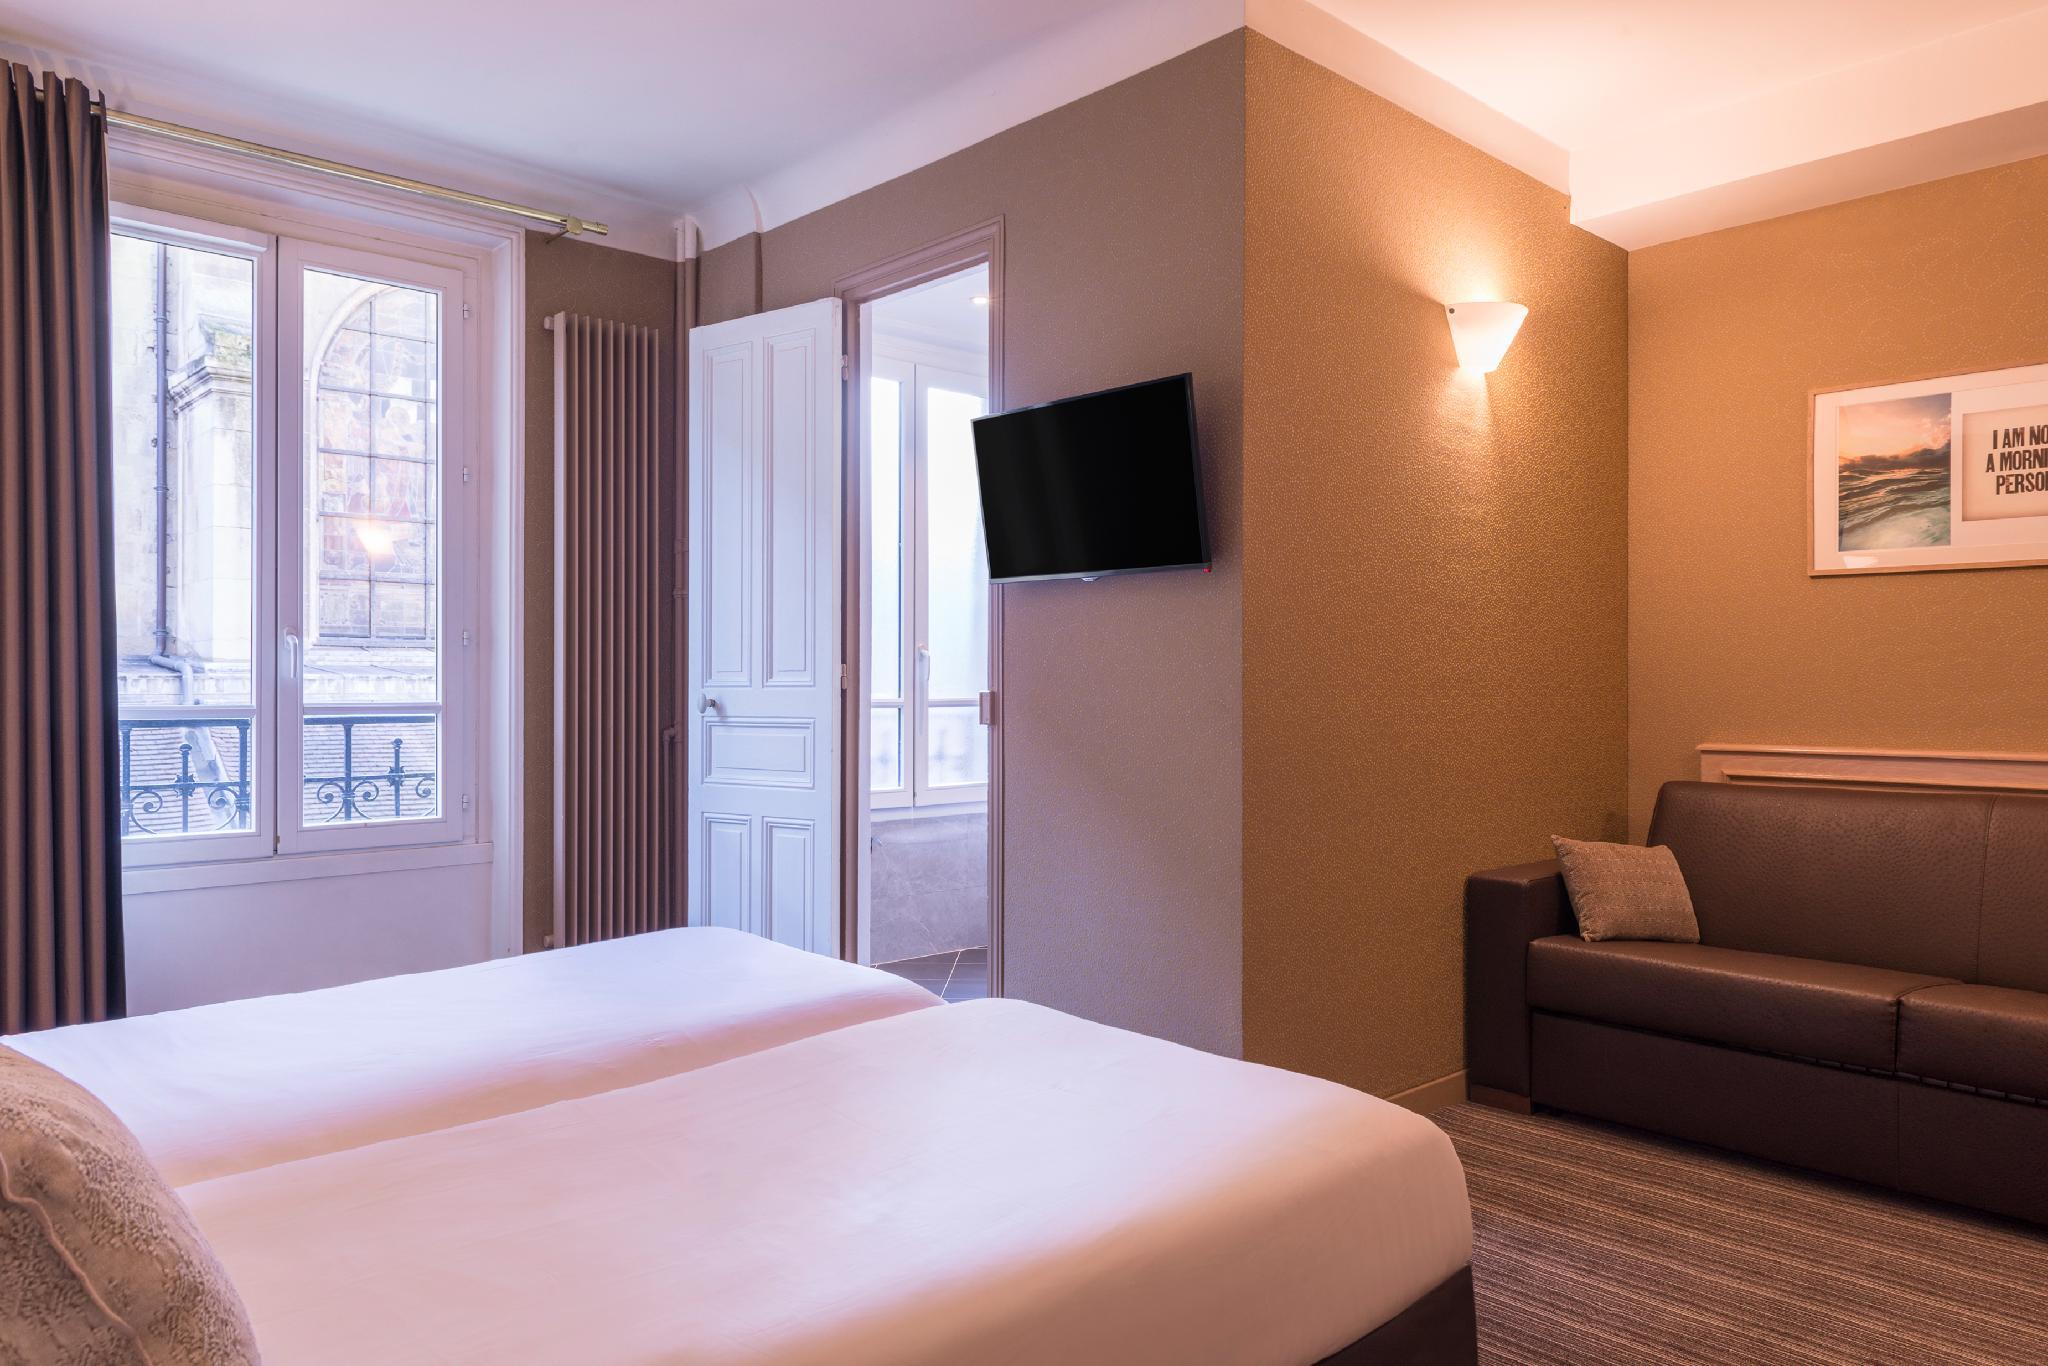 Paris France Hotel In France - Room Deals, Photos & Reviews tout Salon De Jardin Super U